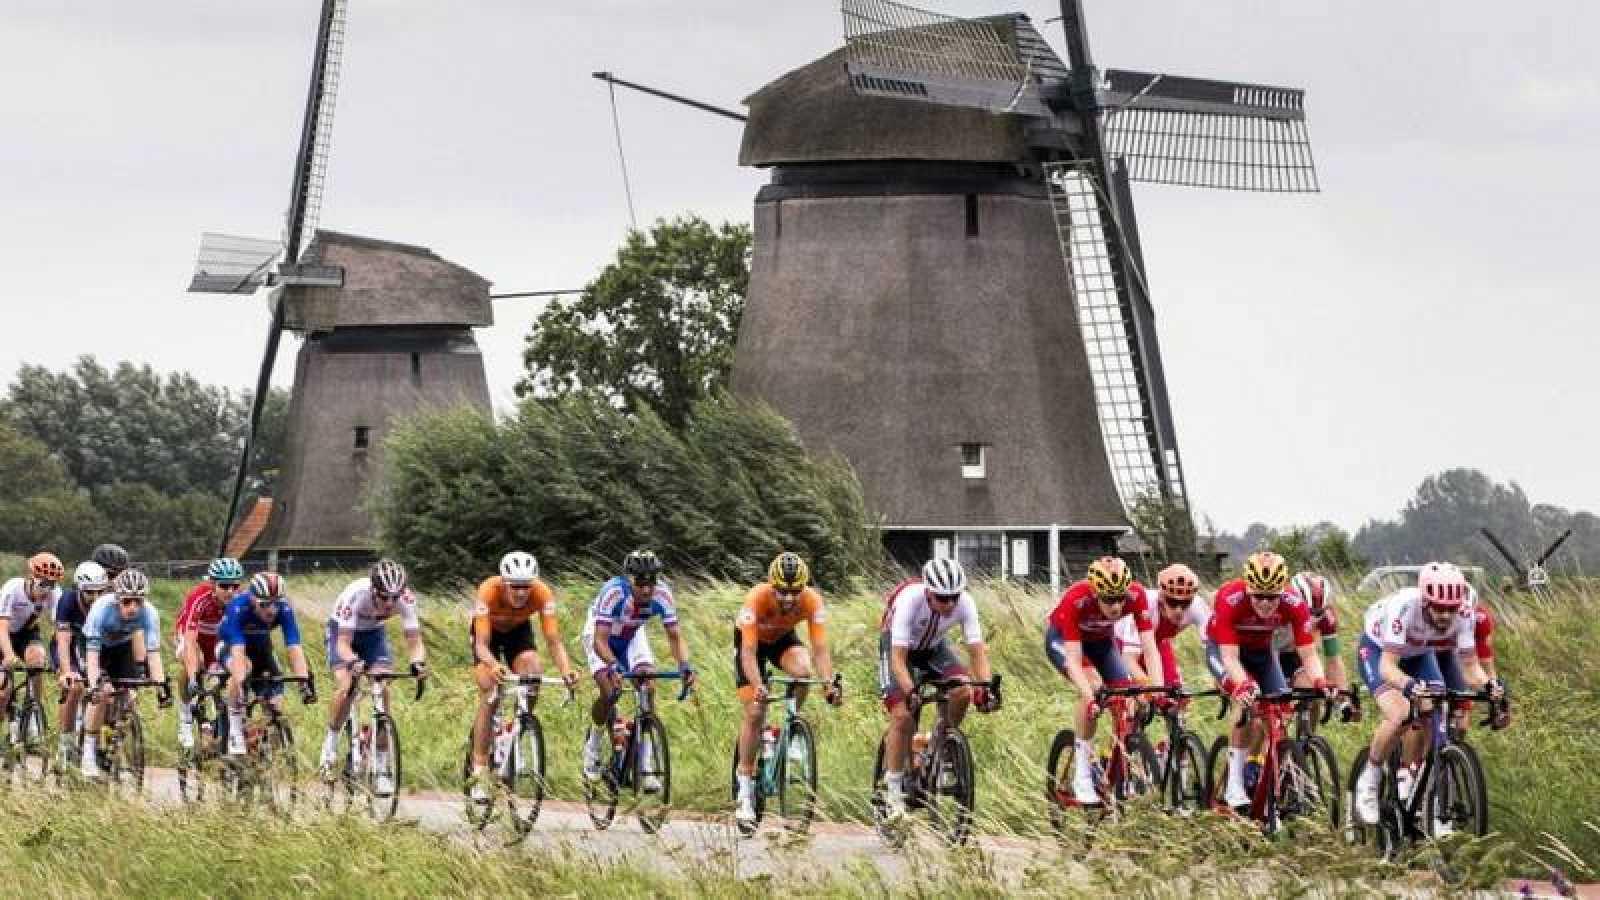 Imagen del Campeonato de Europa de ciclismo en Alkmaar (Países Bajos) en 2019.